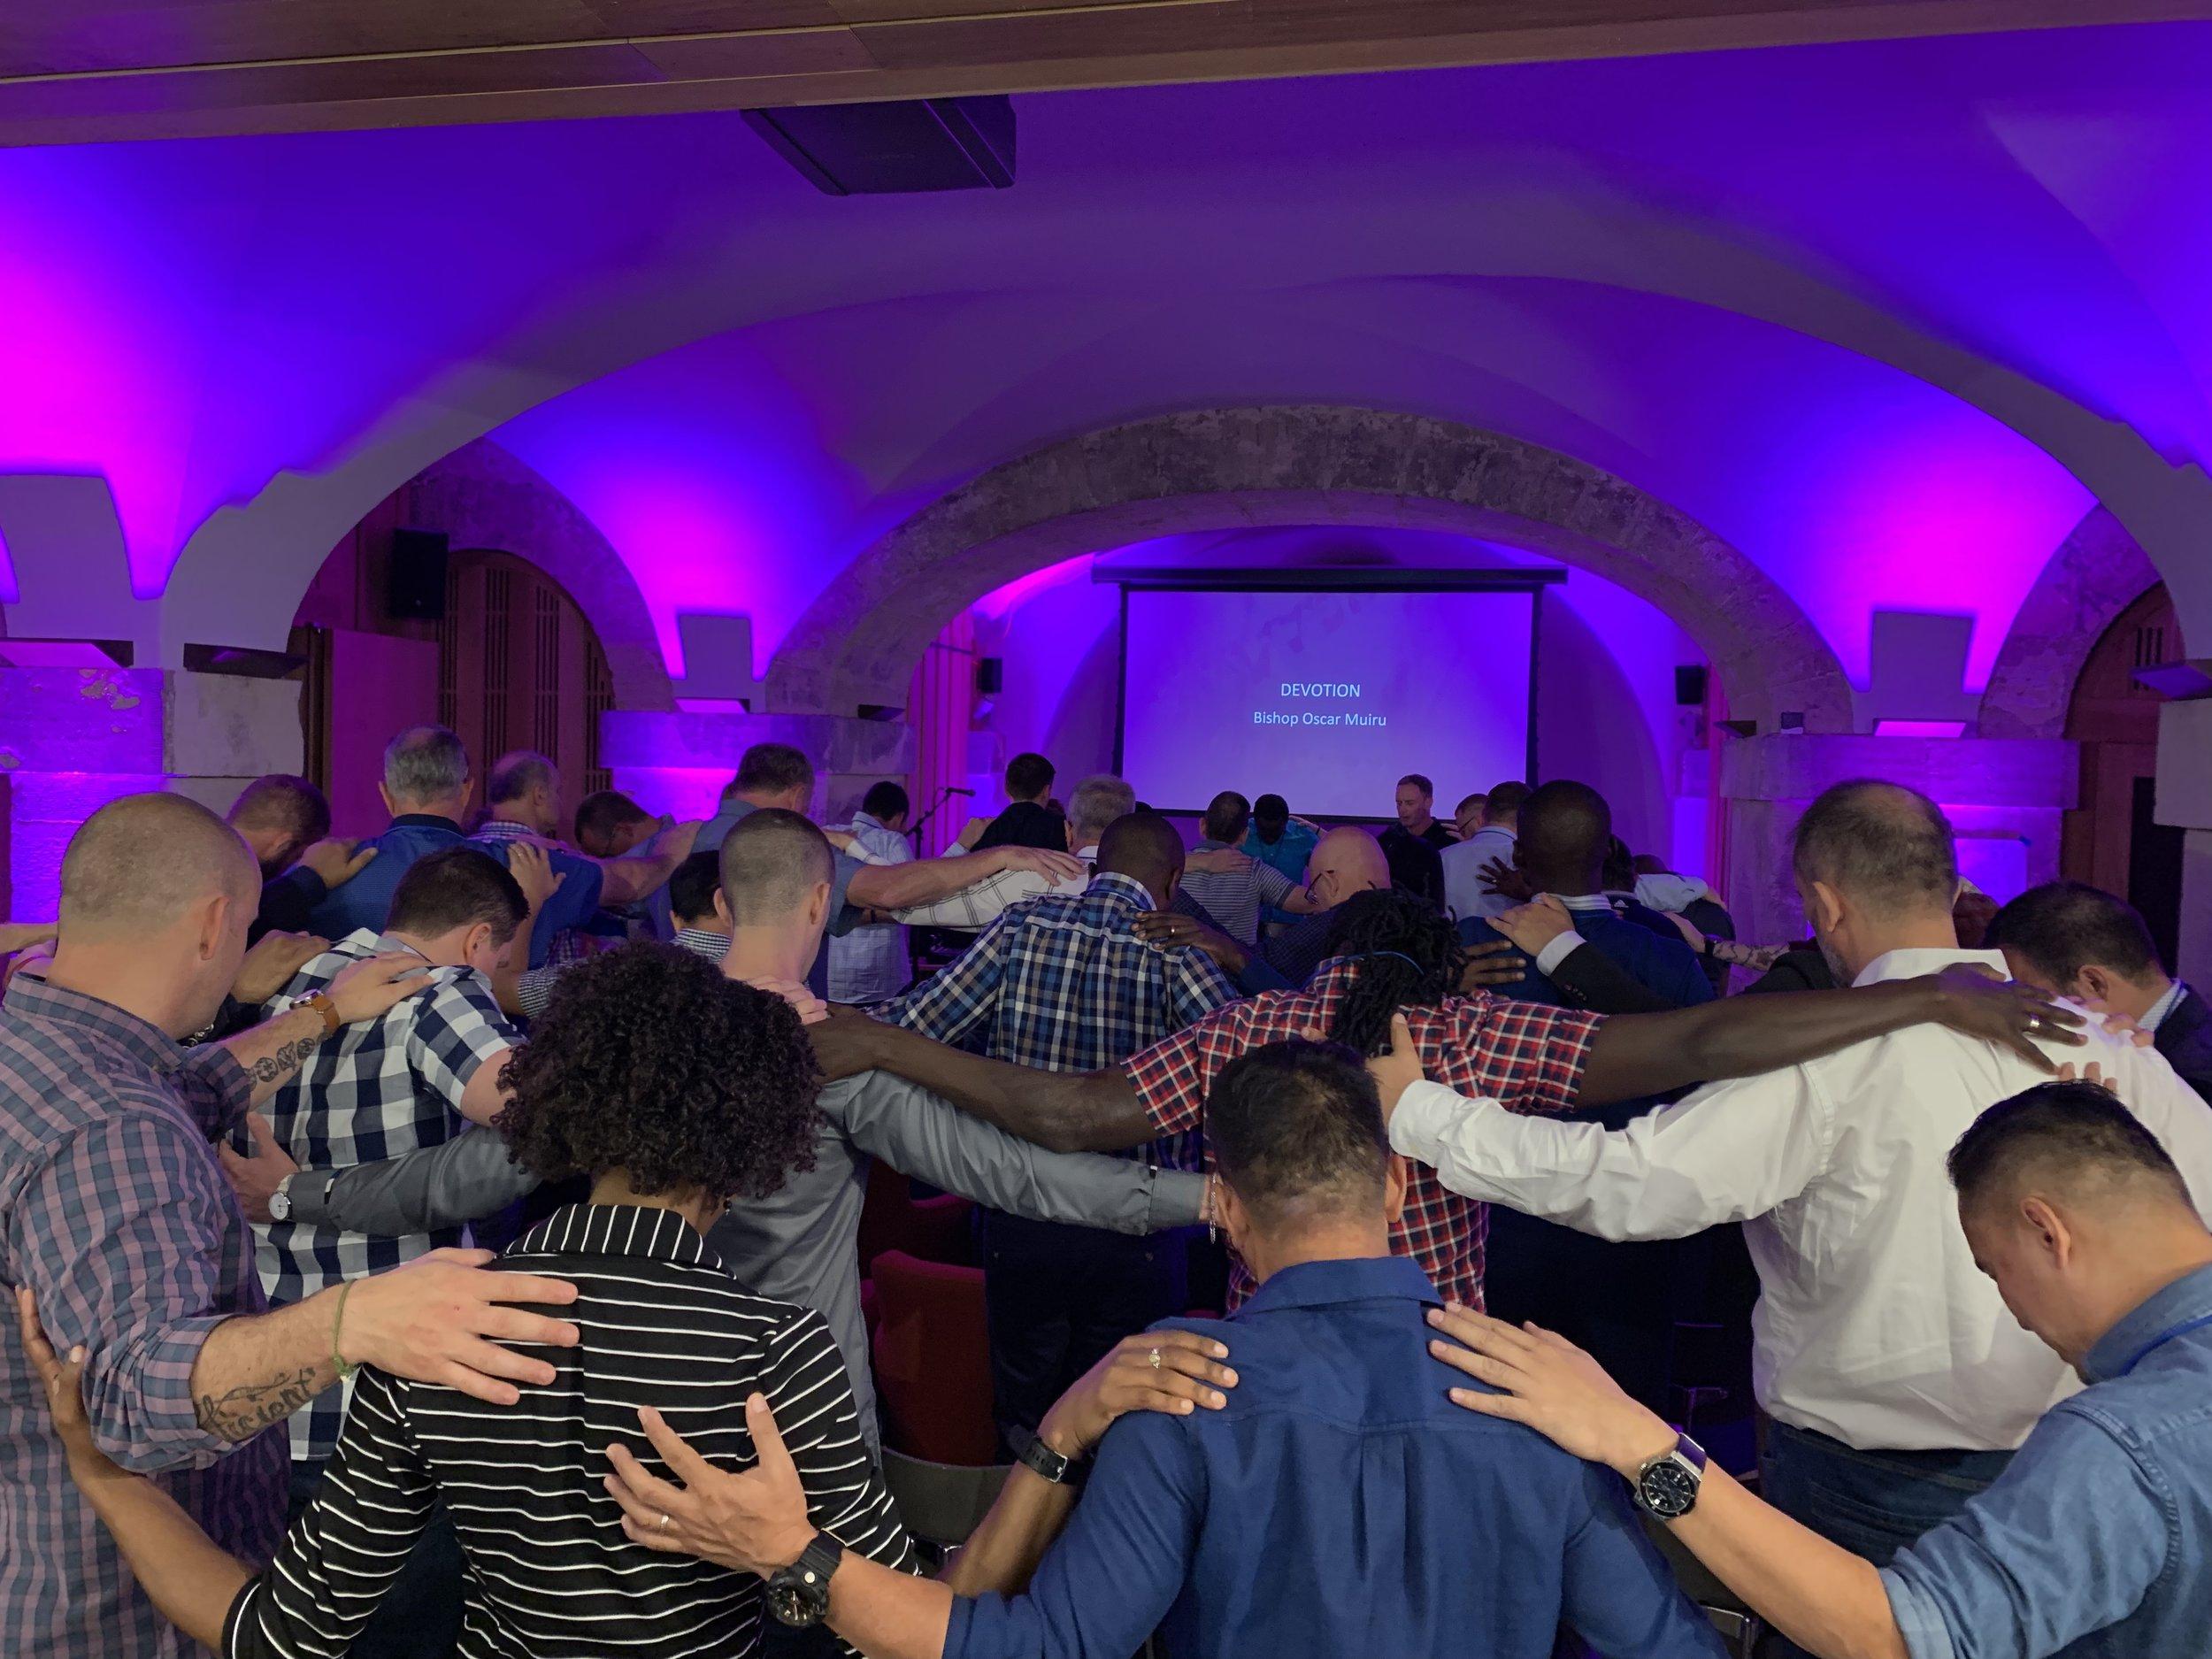 Prayer time at NewThing Global Huddle